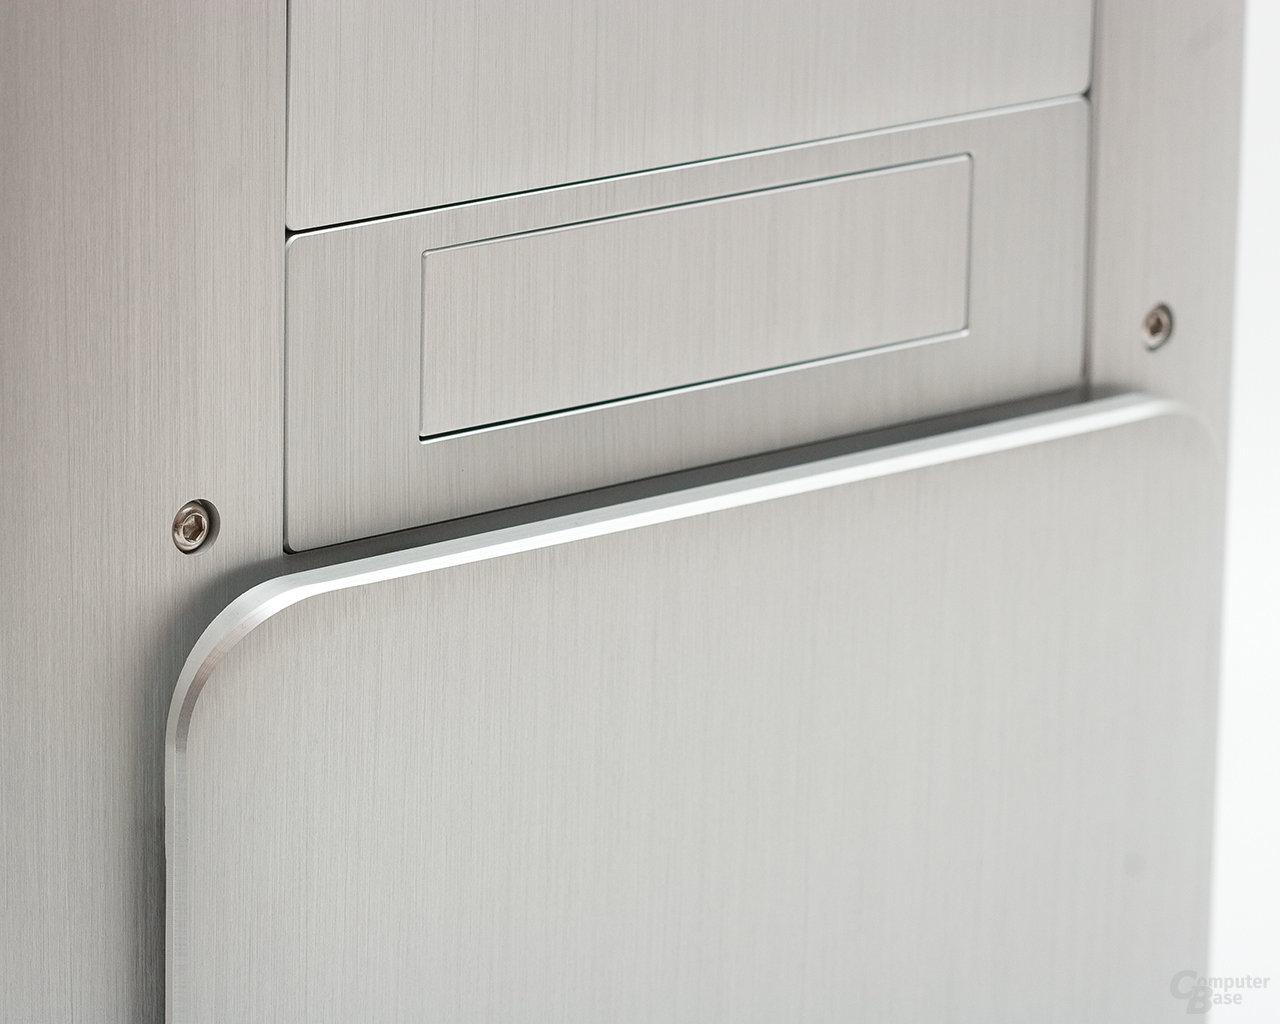 Cooler Master ATCS 840 – Frontdetail